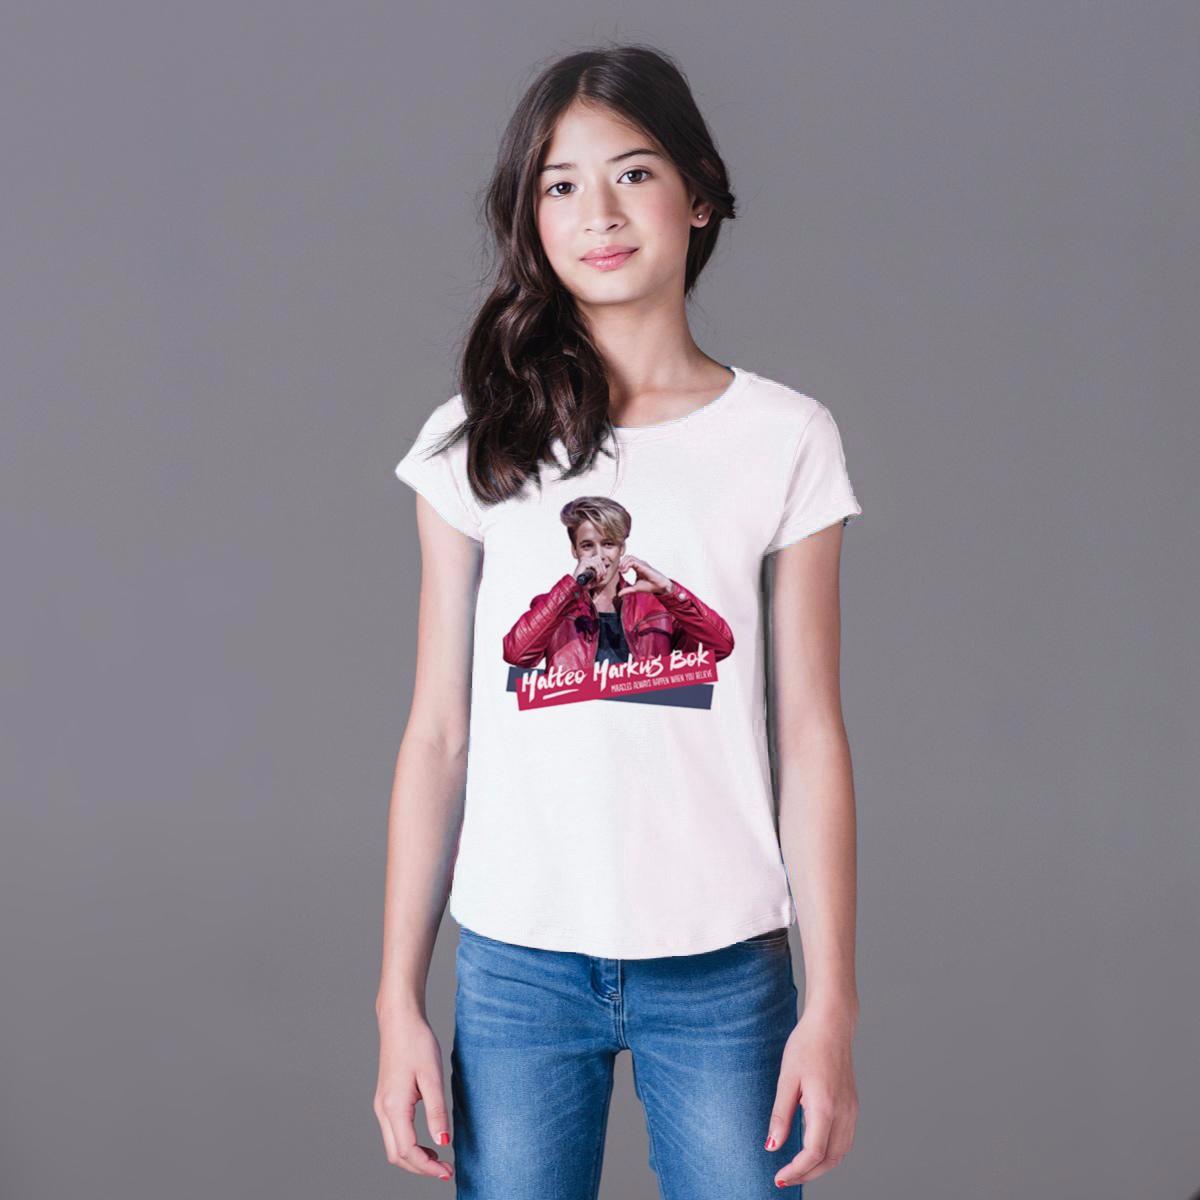 Acquista ora la maglietta di Matteo Markus Bok 14c2a0c01888